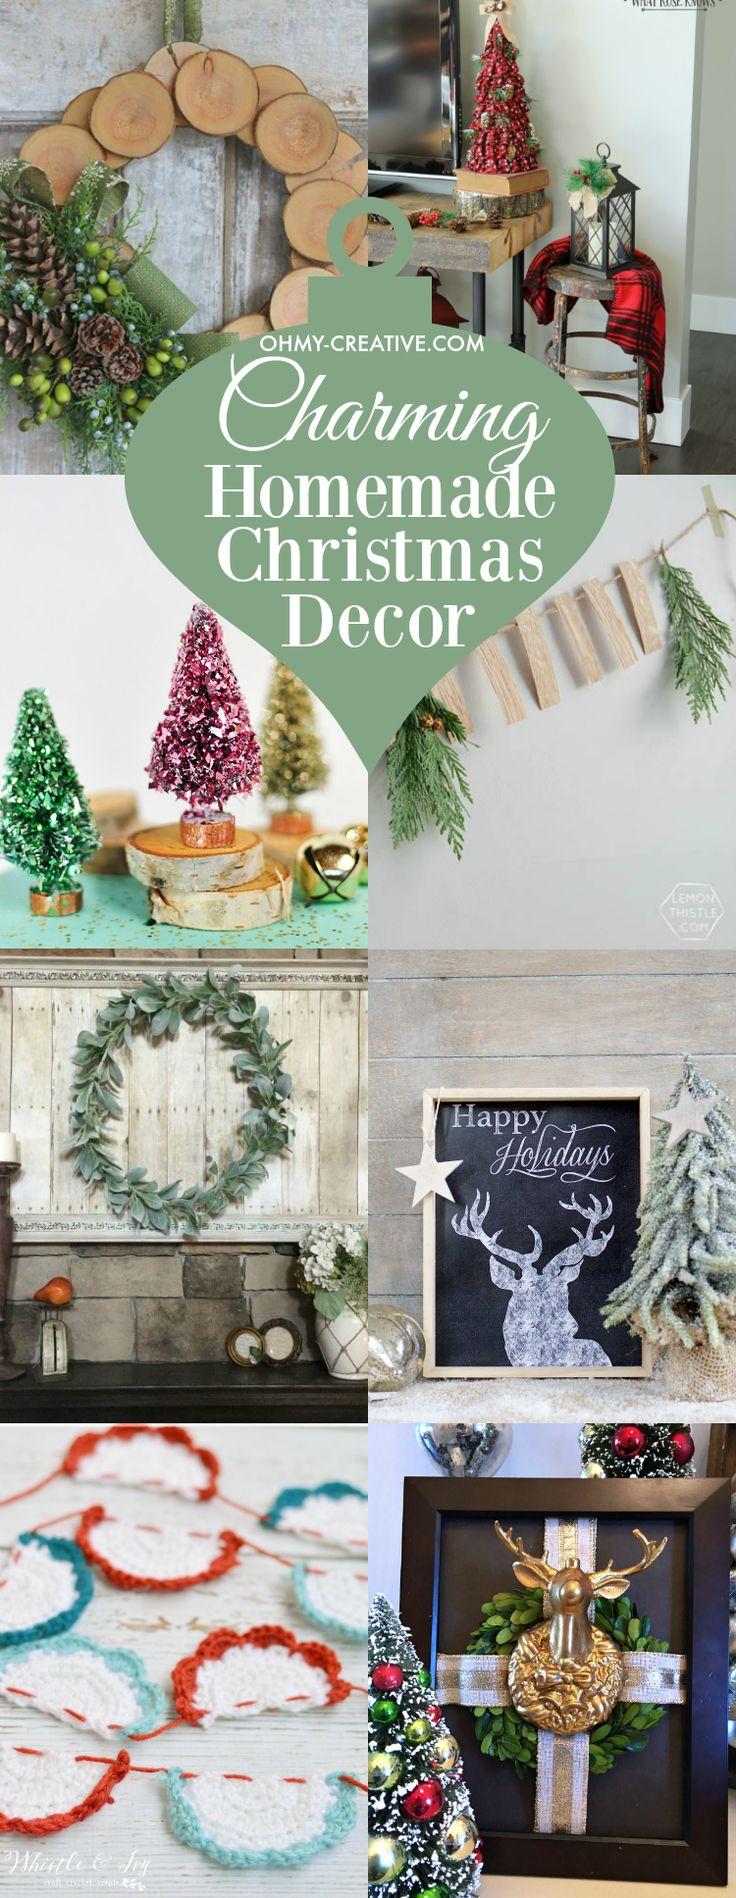 Eu amo a vindima ... o caseiro ... as coisas que trazem charme de férias para a casa.  Aqui estão algumas adoráveis encantadoras decorações de Natal caseiras eu adoro!  |  OHMY-CREATIVE.COM